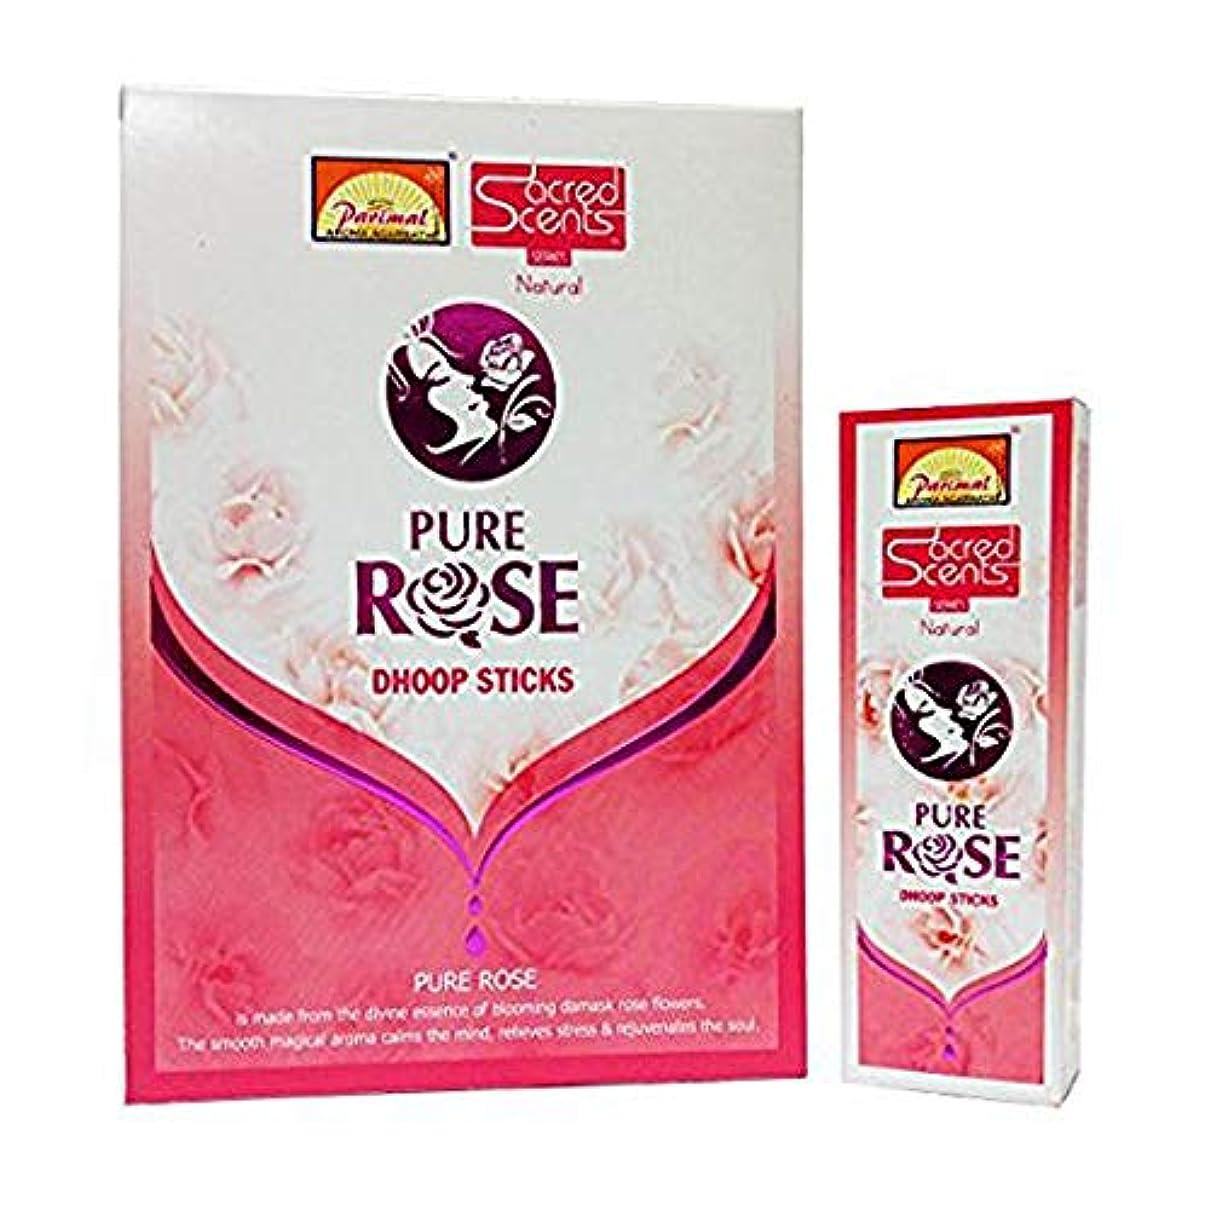 洗剤機械的明快Parimal Sacred Scents Pure Rose Dhoop Sticks 50グラムパック、6カウントin aボックス